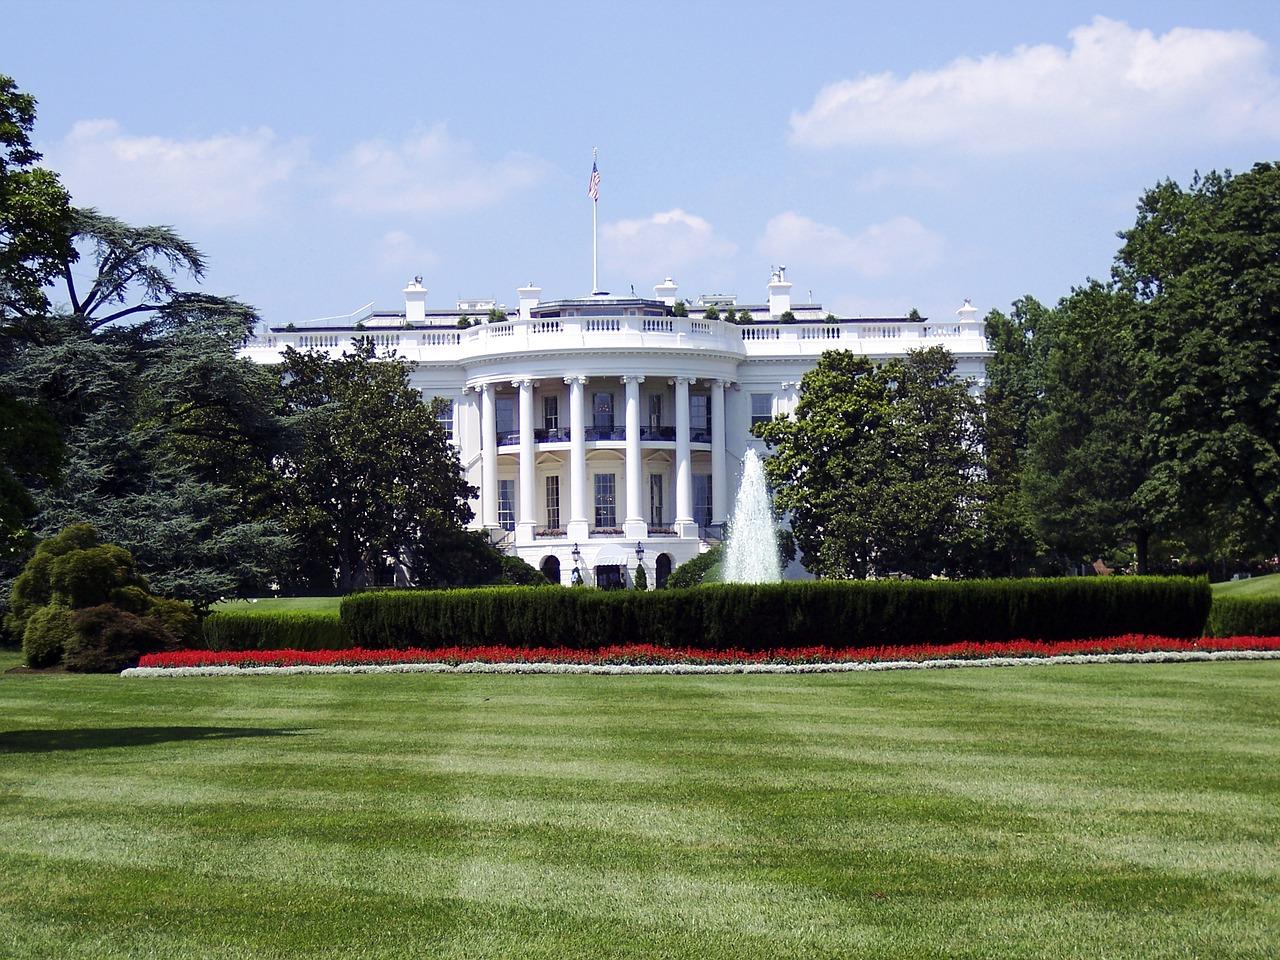 Chi è Jill la moglie di Joe Biden: biografia e che lavoro fa